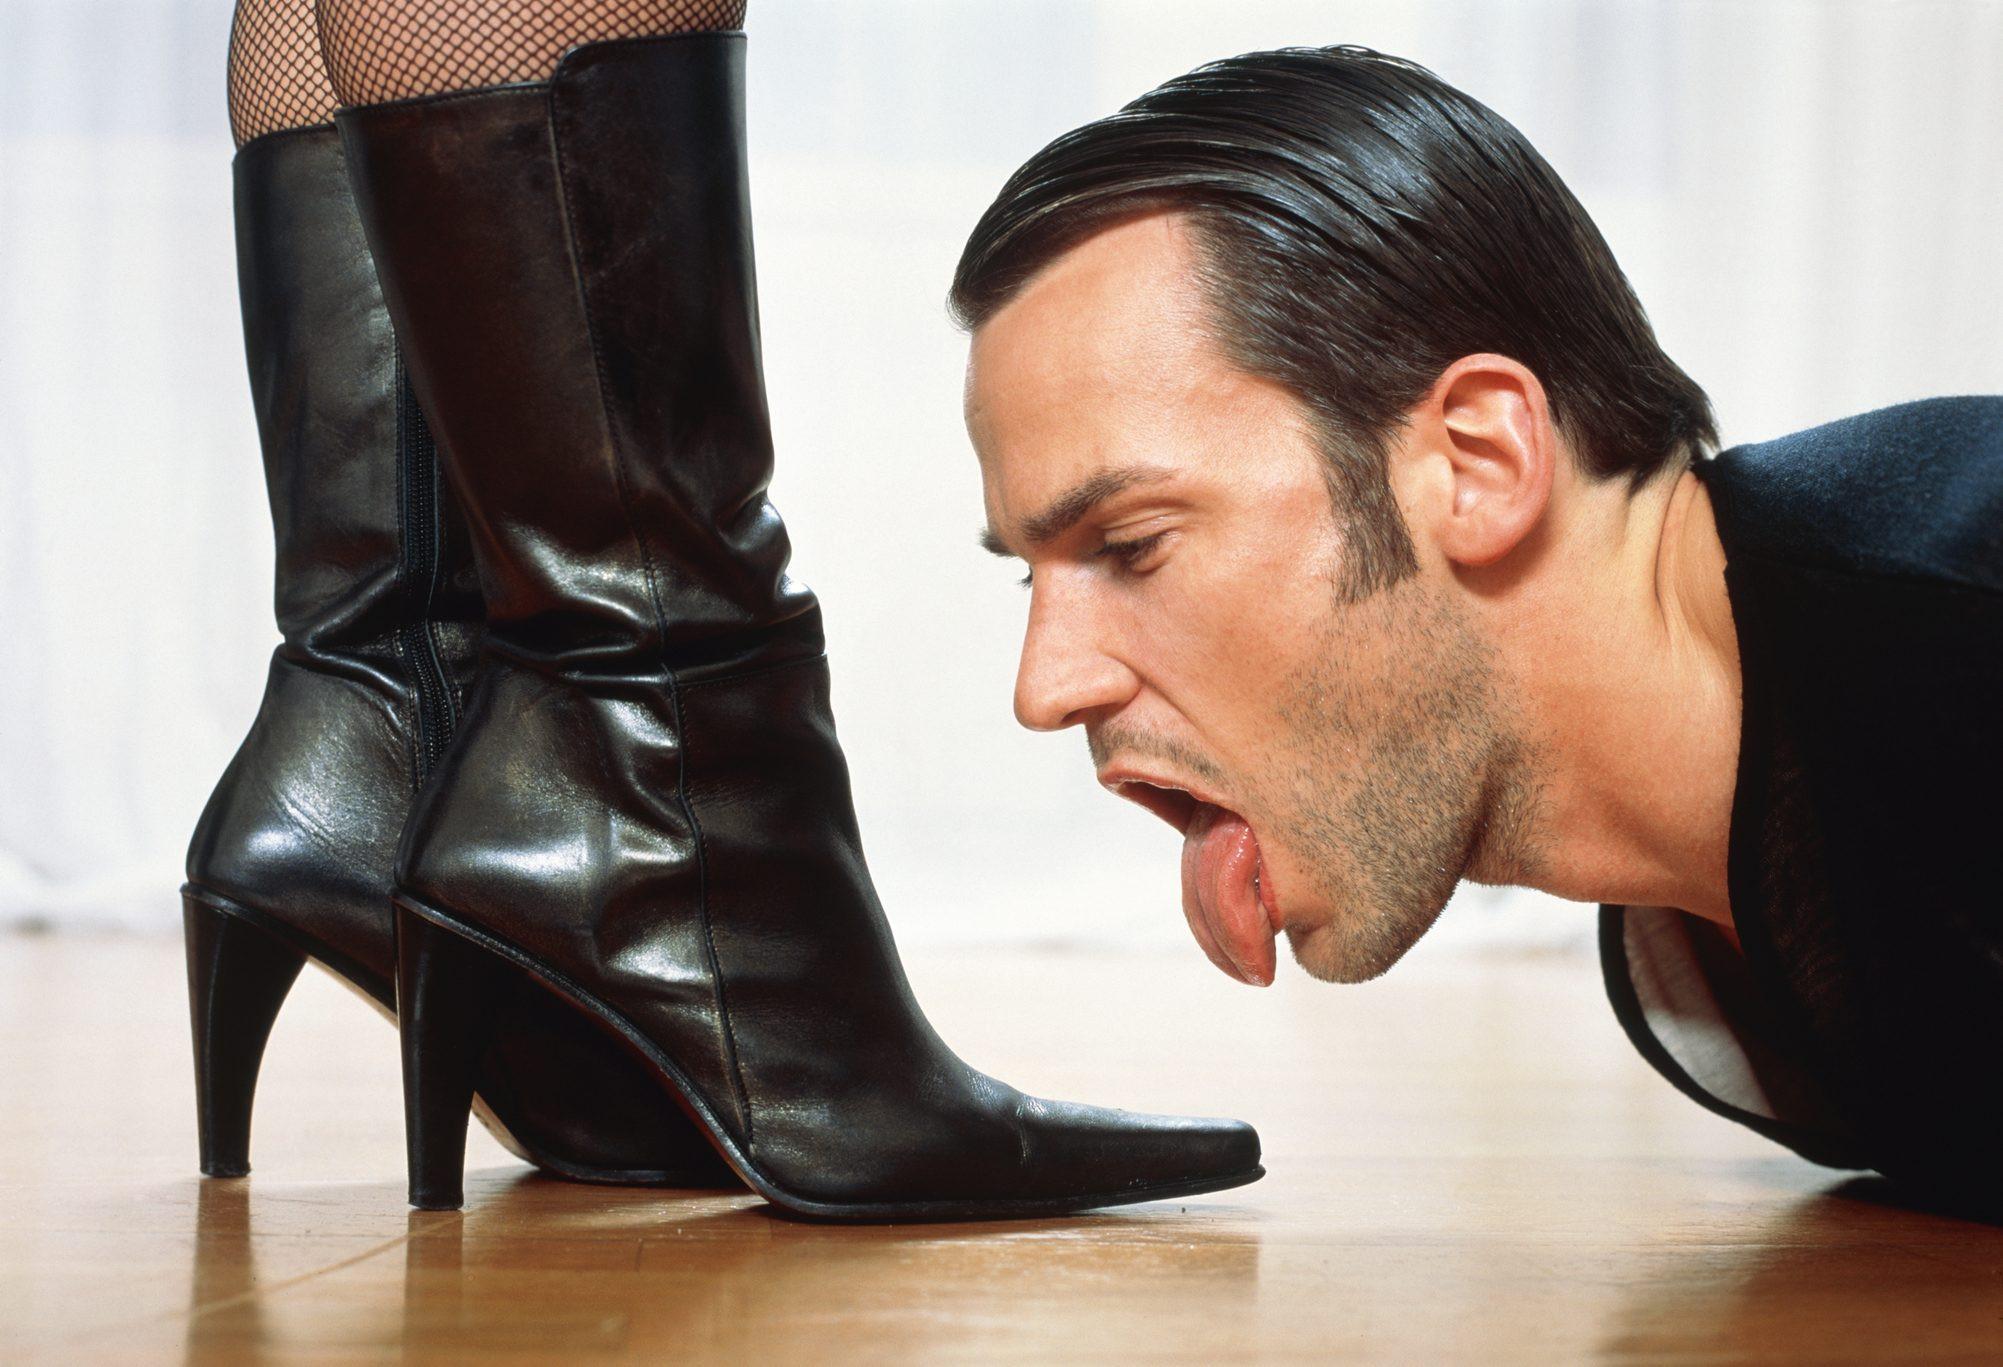 Rapporto piedi feticismo